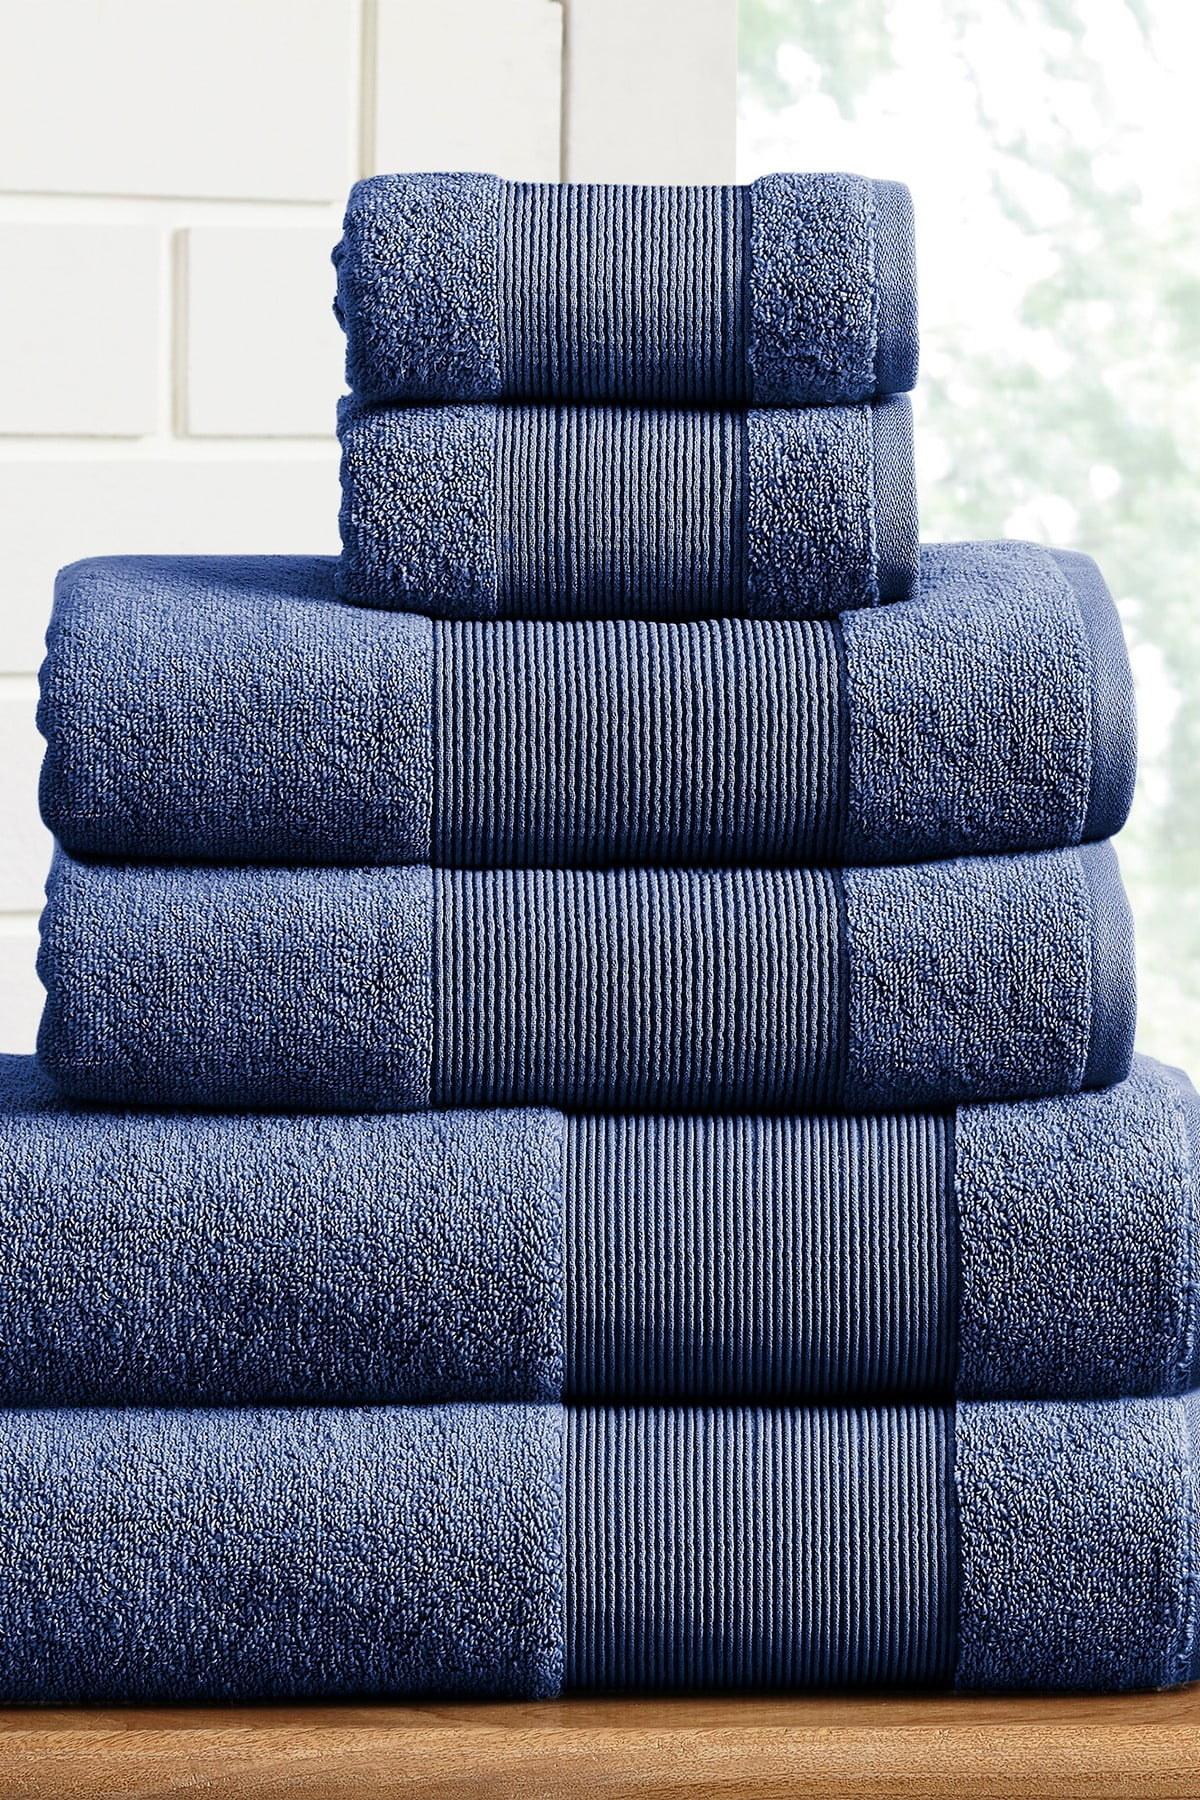 the towel set in navy